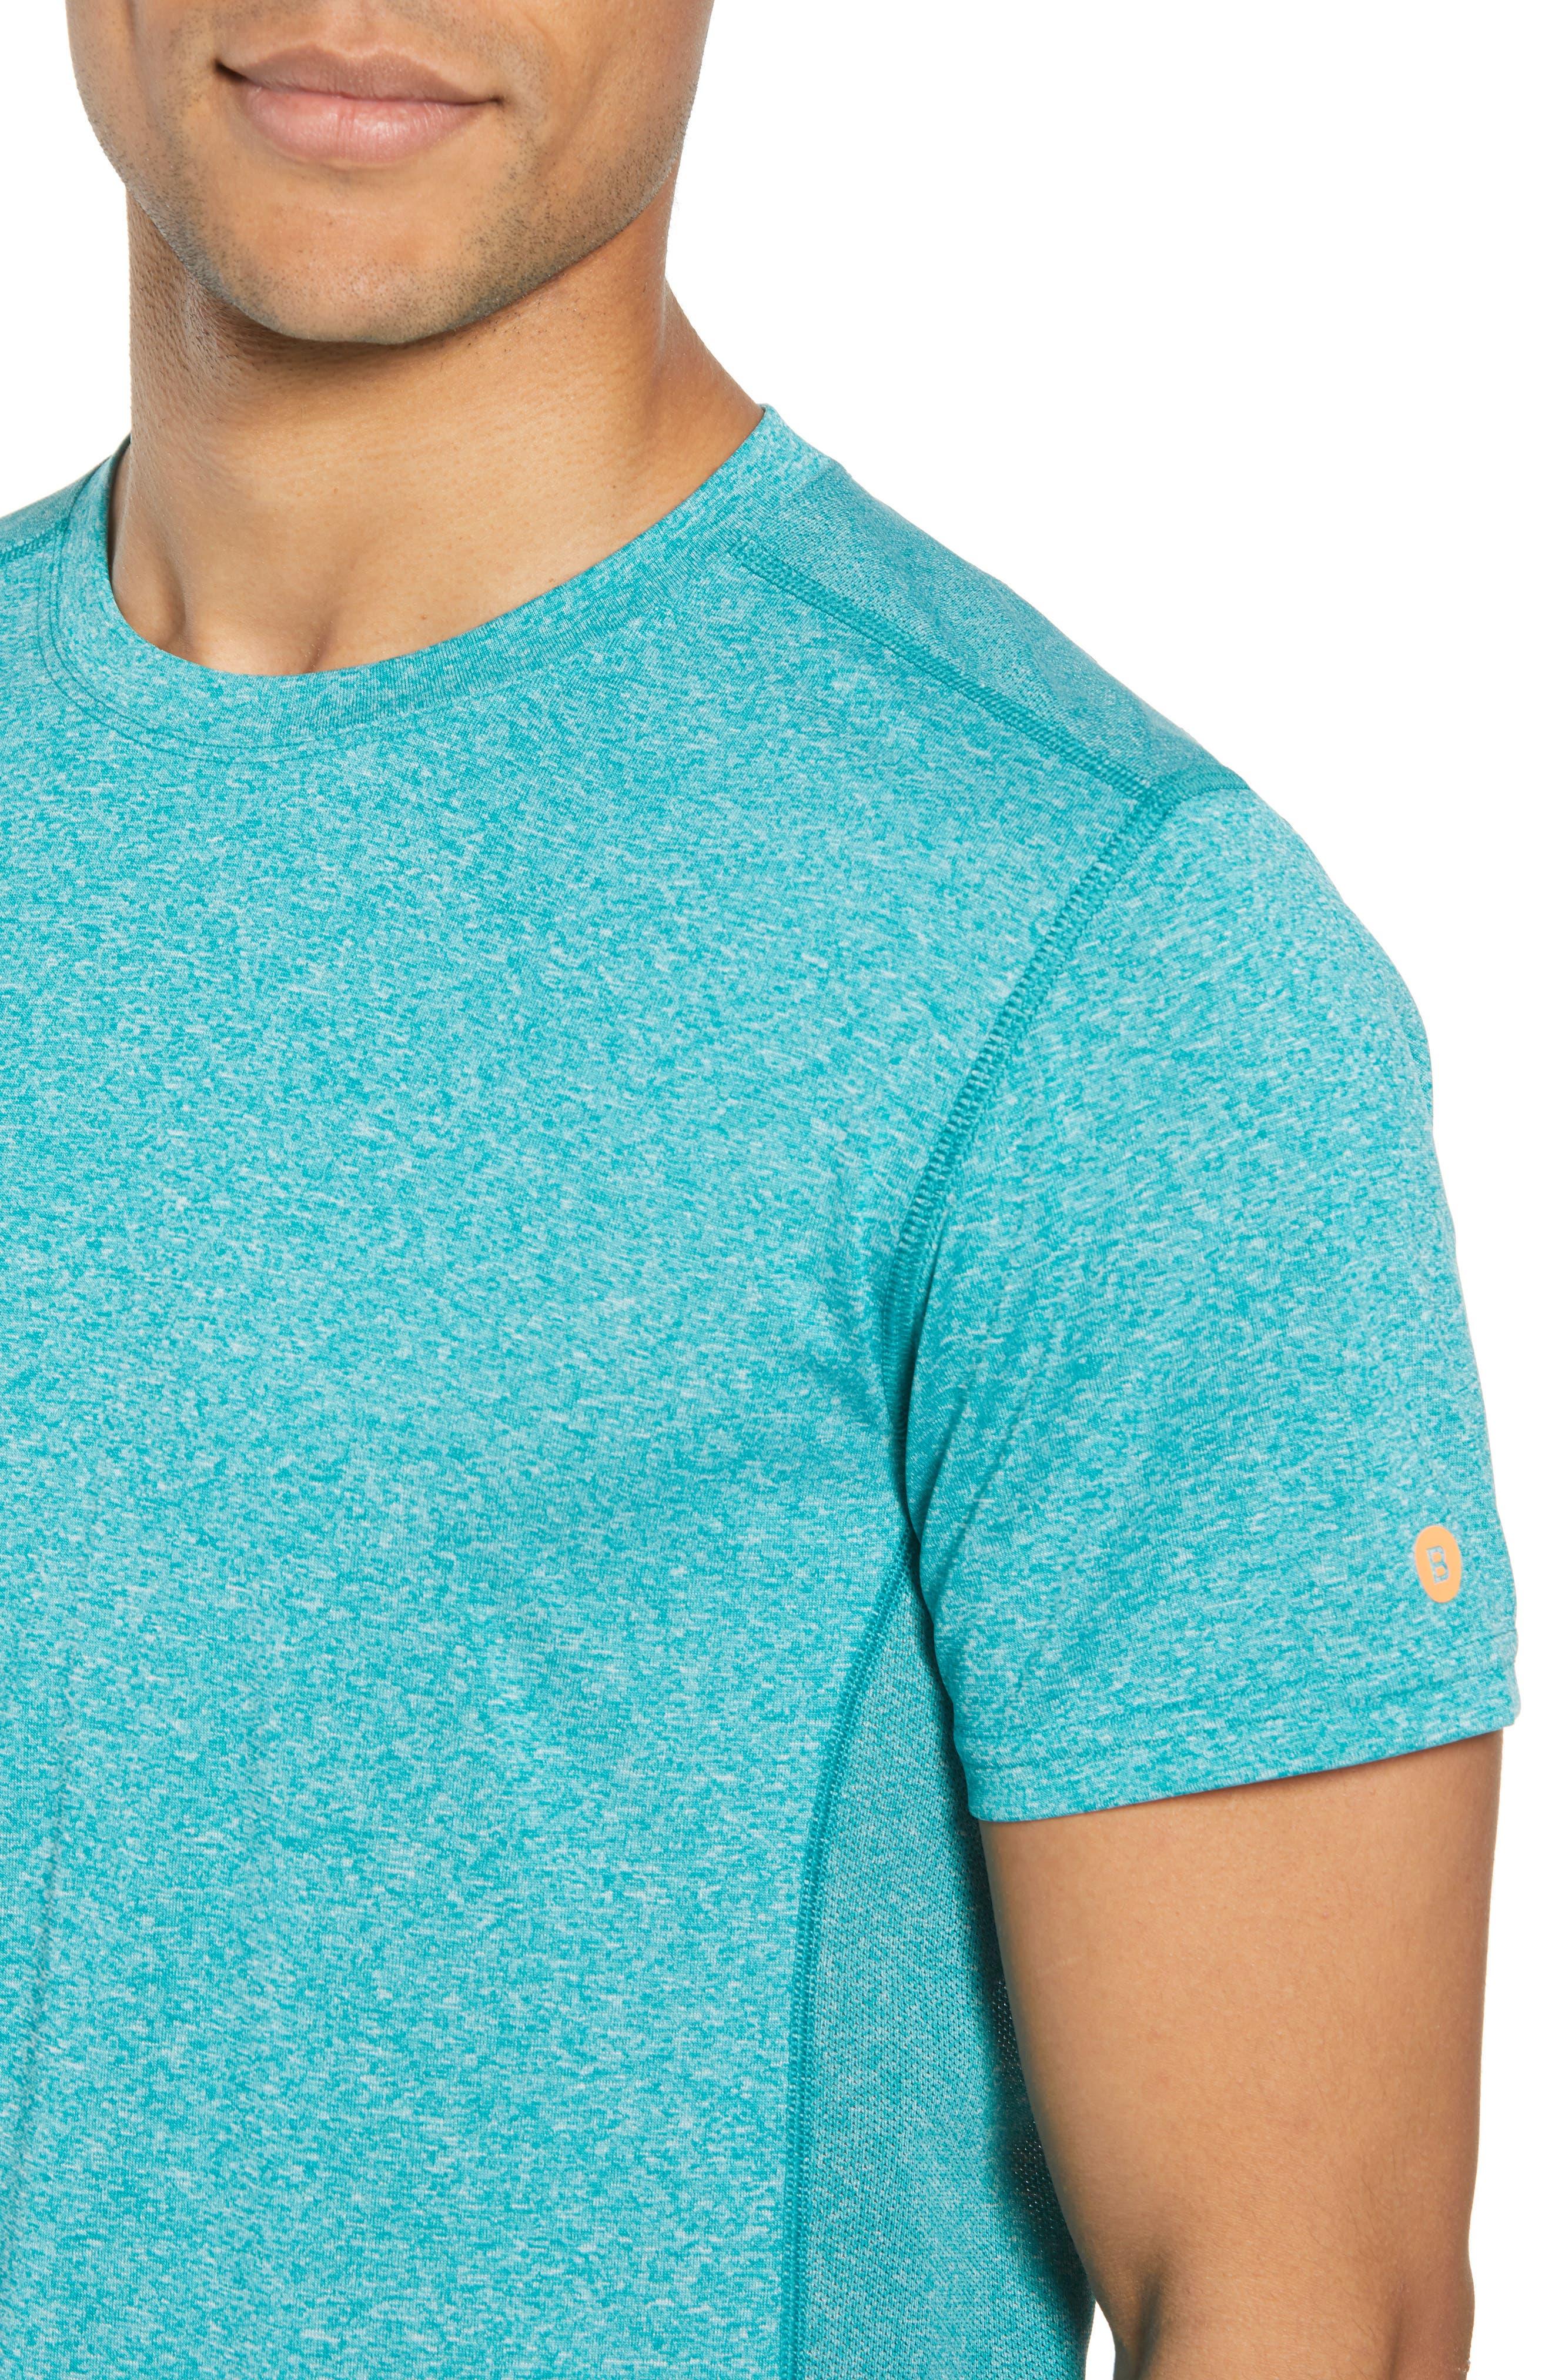 Goodsport Mesh Panel T-Shirt,                             Alternate thumbnail 22, color,